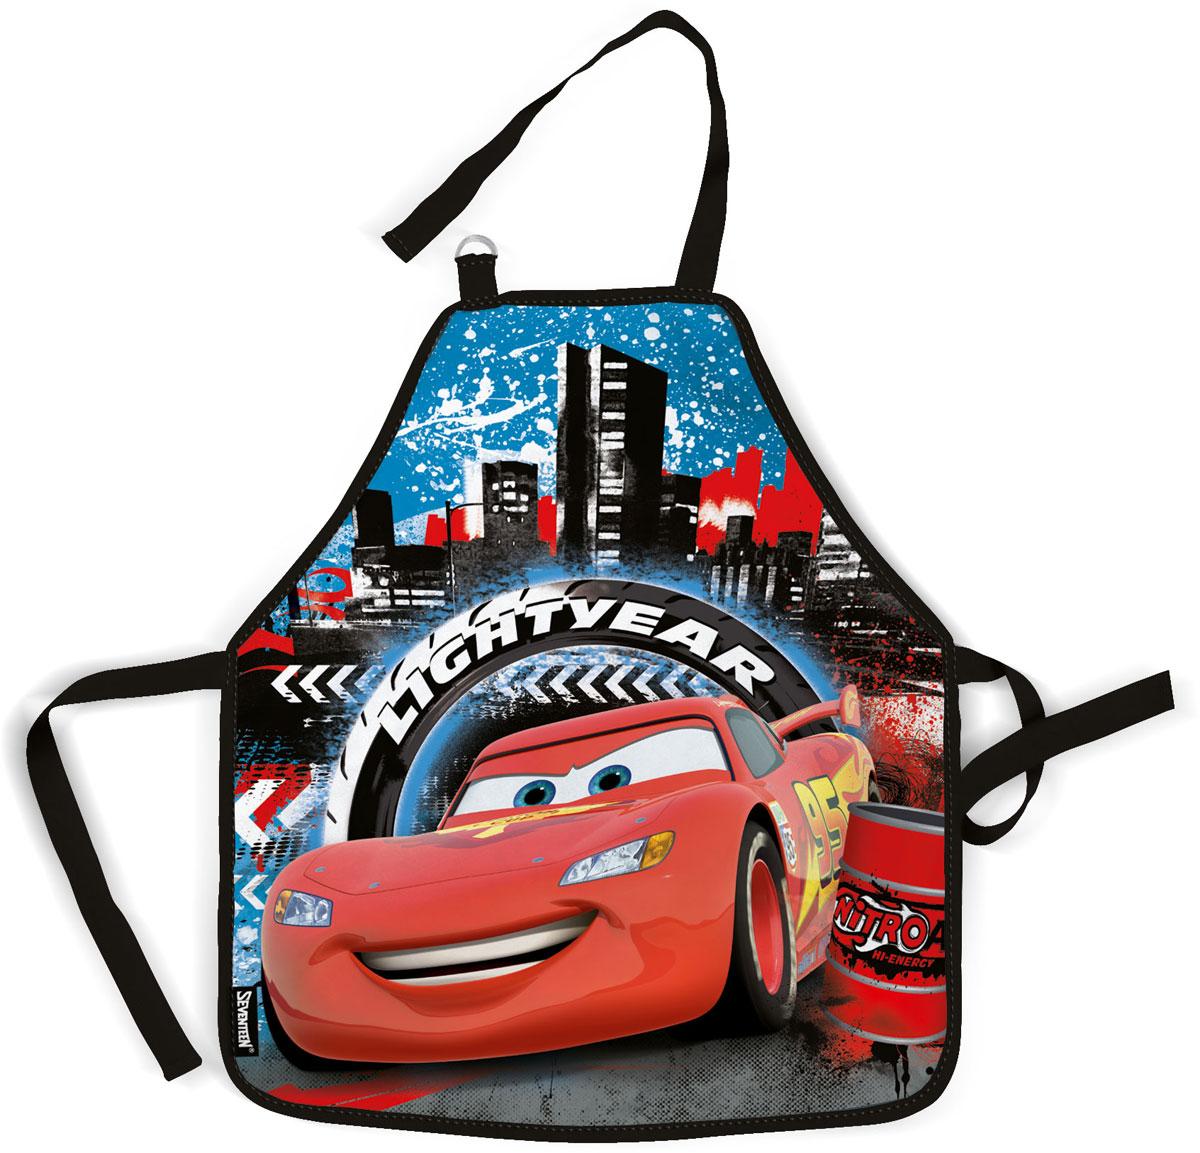 Фартук для детского творчества  Cars , цвет: голубой, красный. CRCB-MT1-029M -  Аксессуары для труда